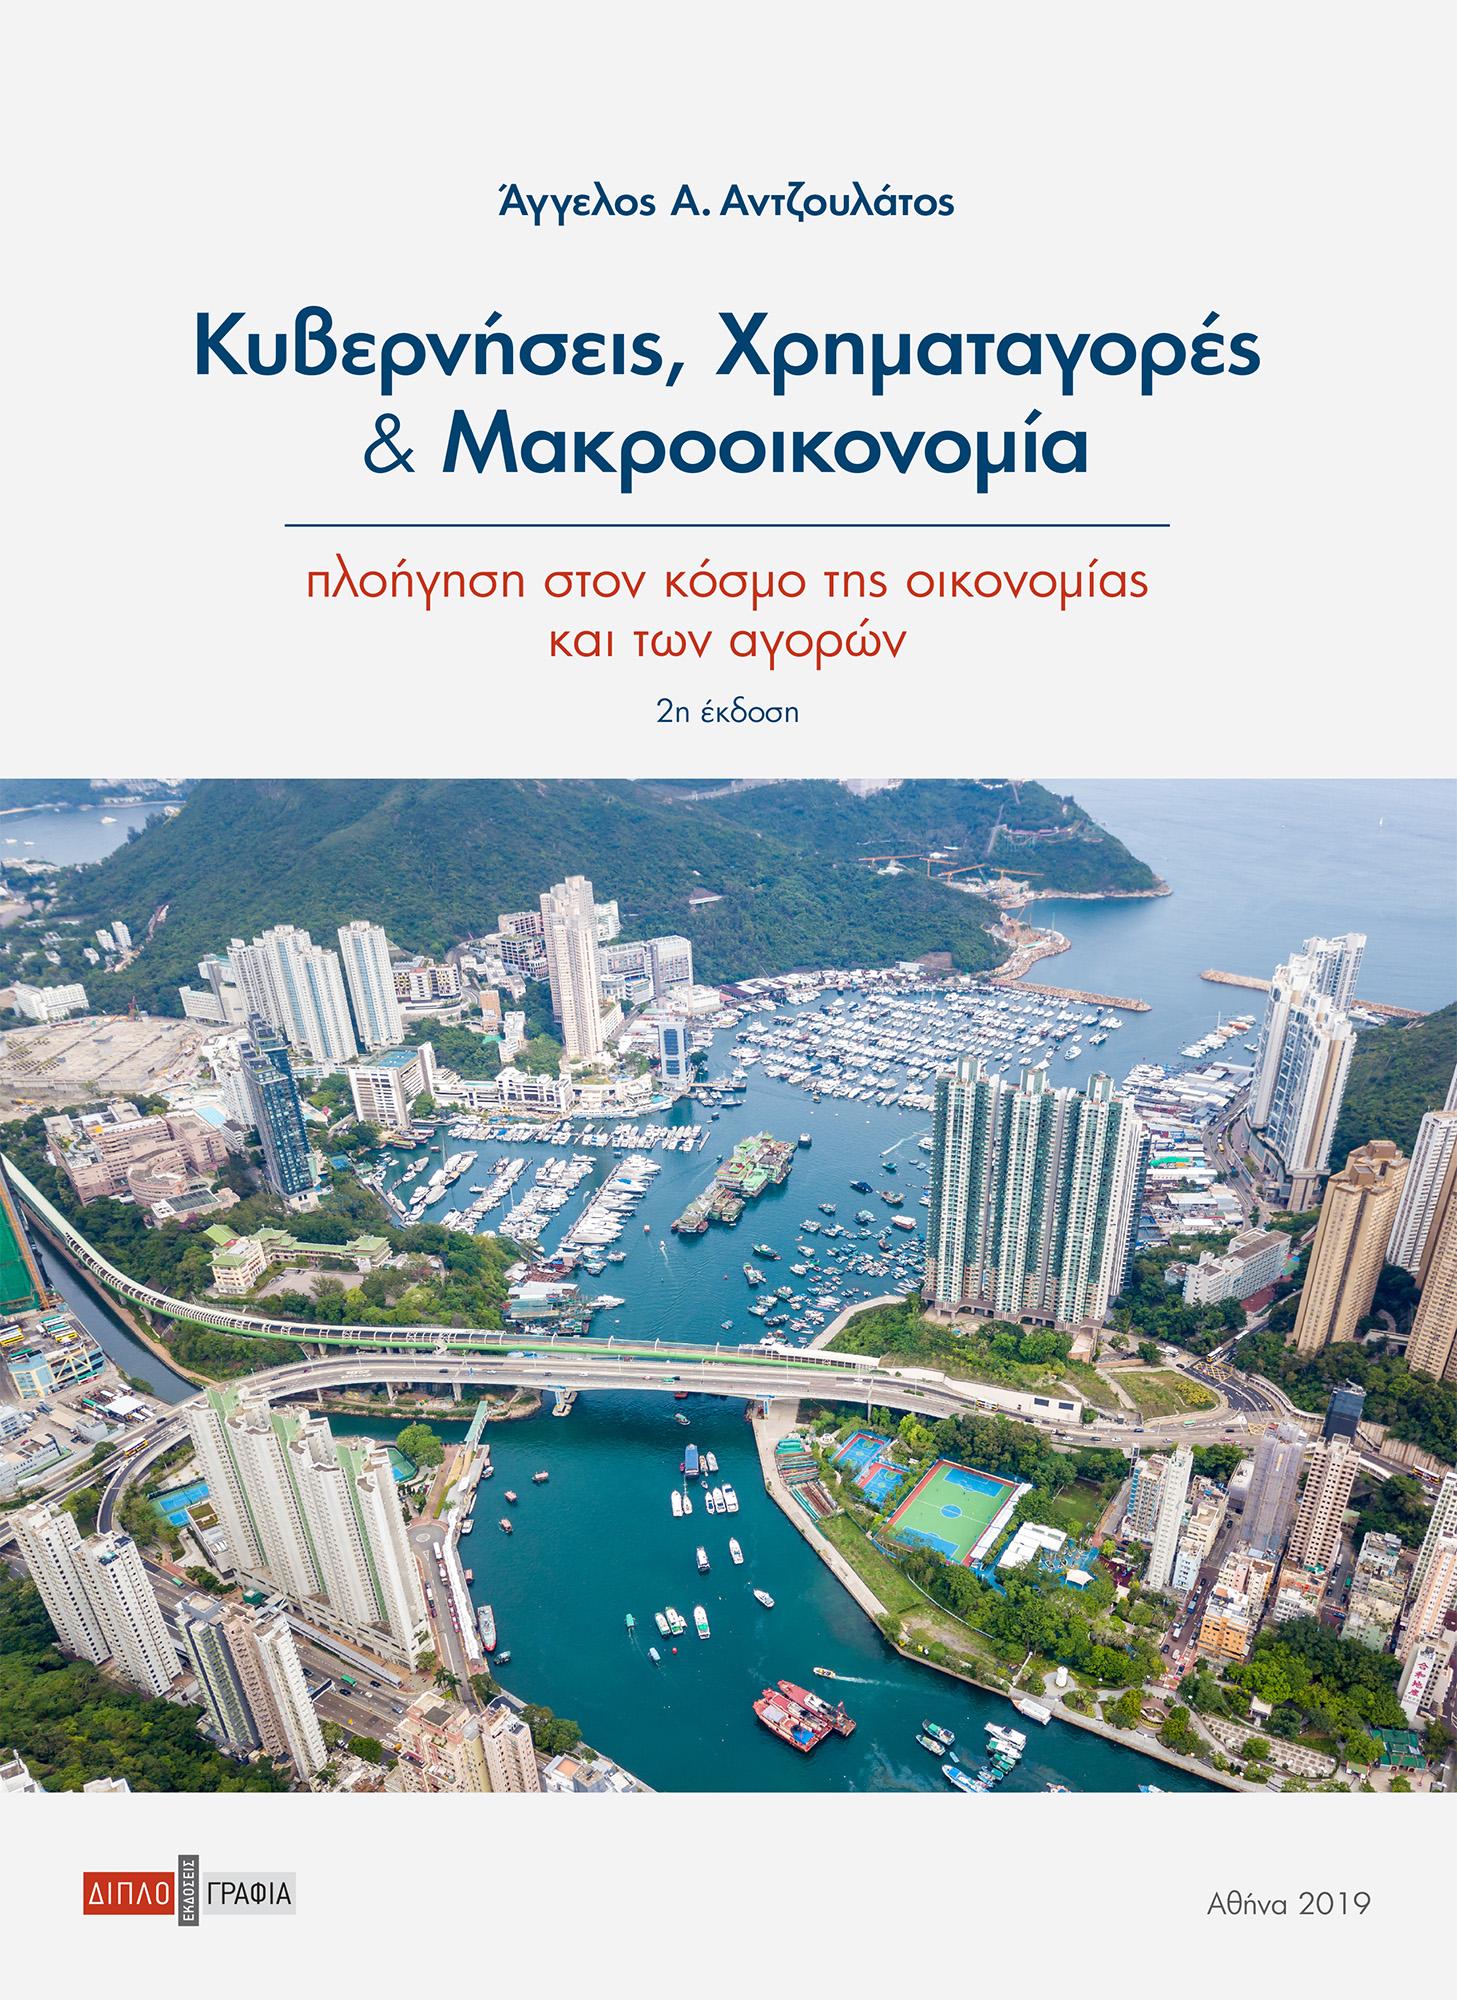 Κυβερνήσεις Χρηματαγορές και Μακροοικονομία (2η έκδοση)